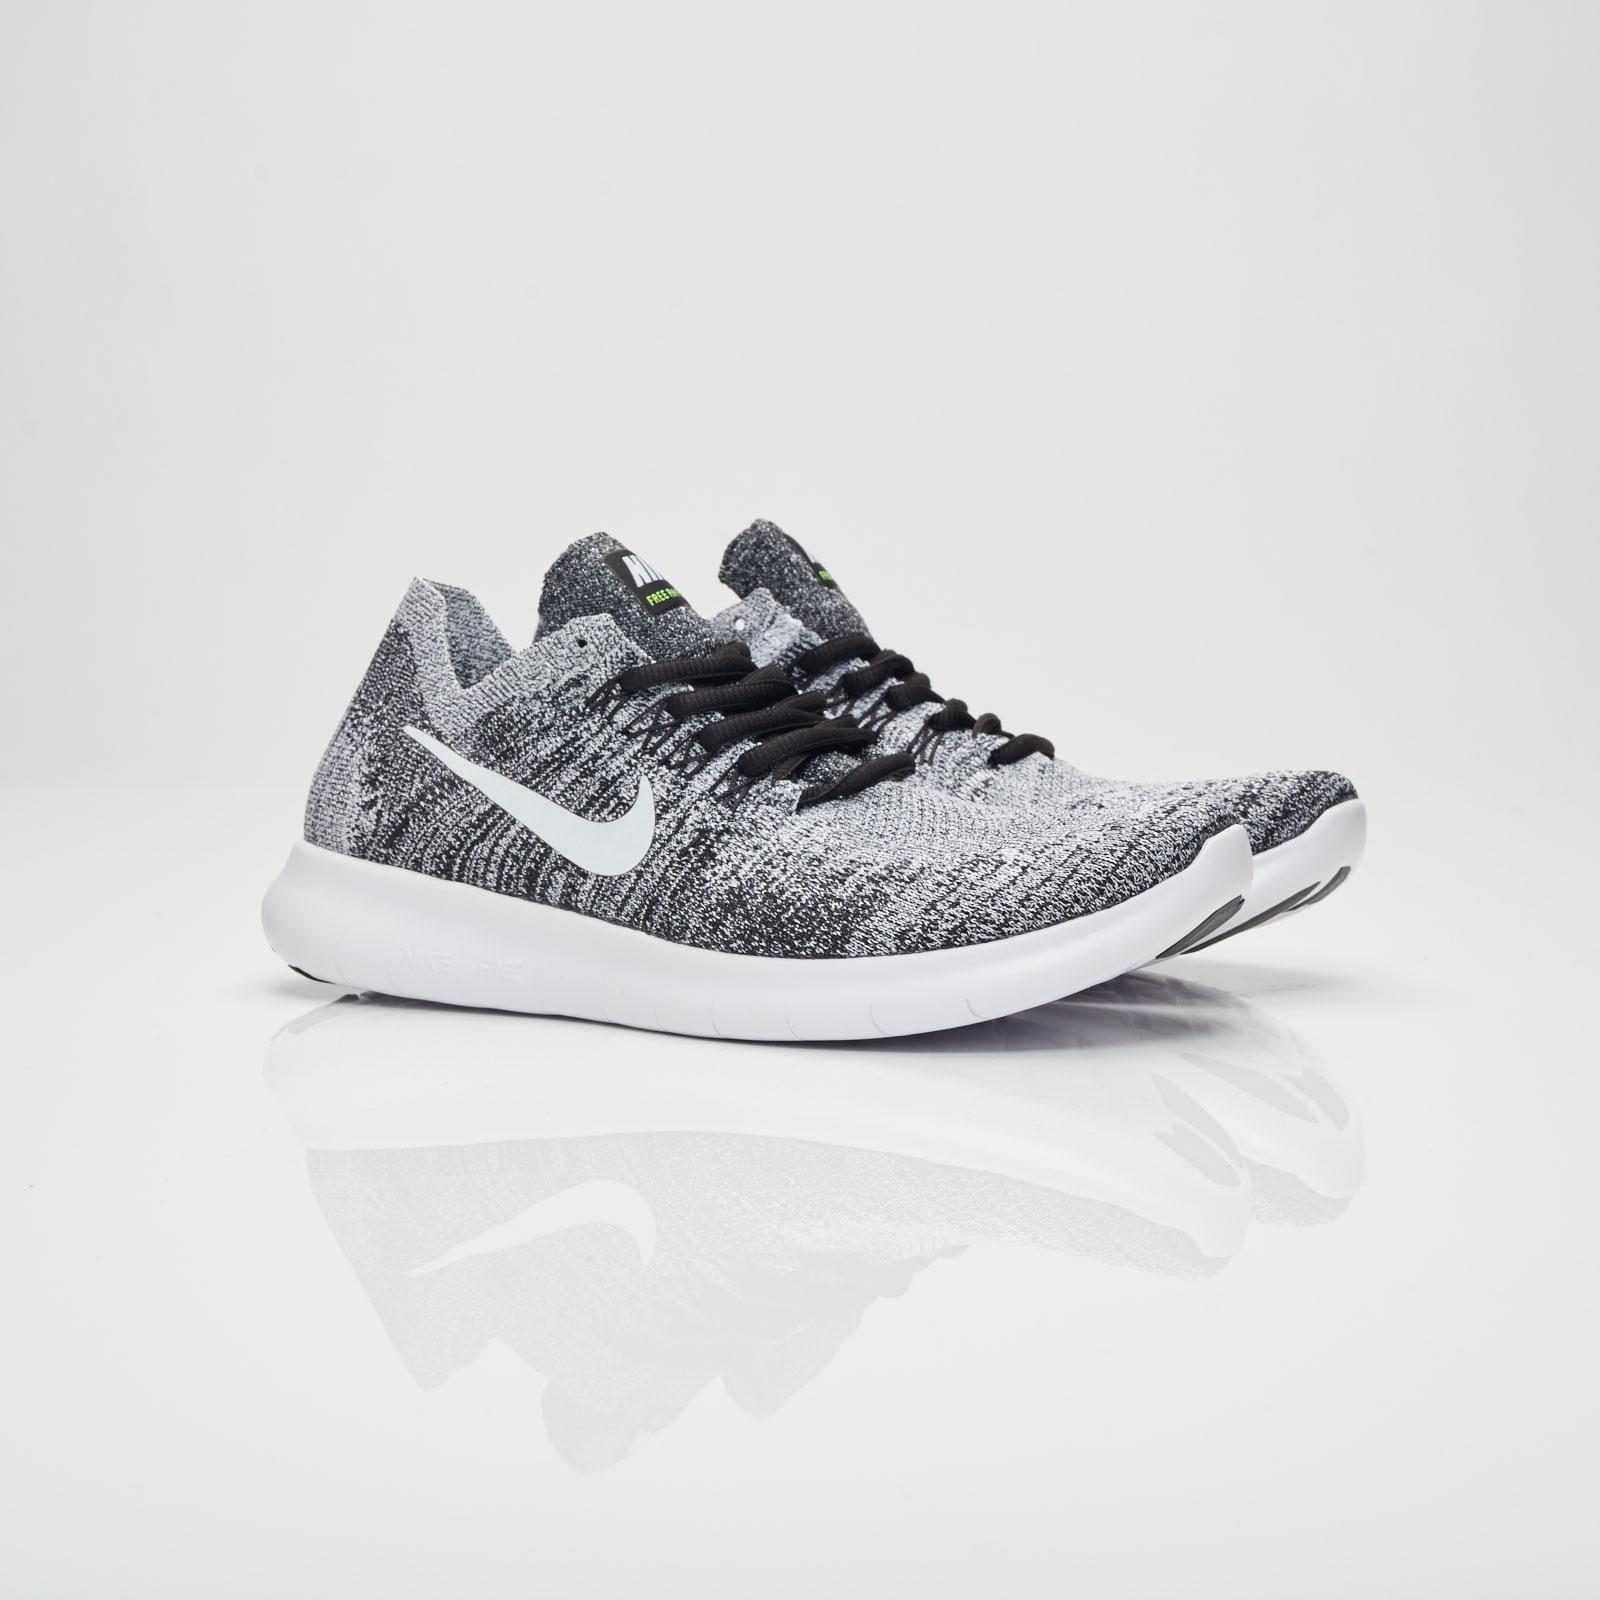 ab69d2610199 Nike Wmns Free Rn Flyknit 2017 - 880844-003 - Sneakersnstuff ...